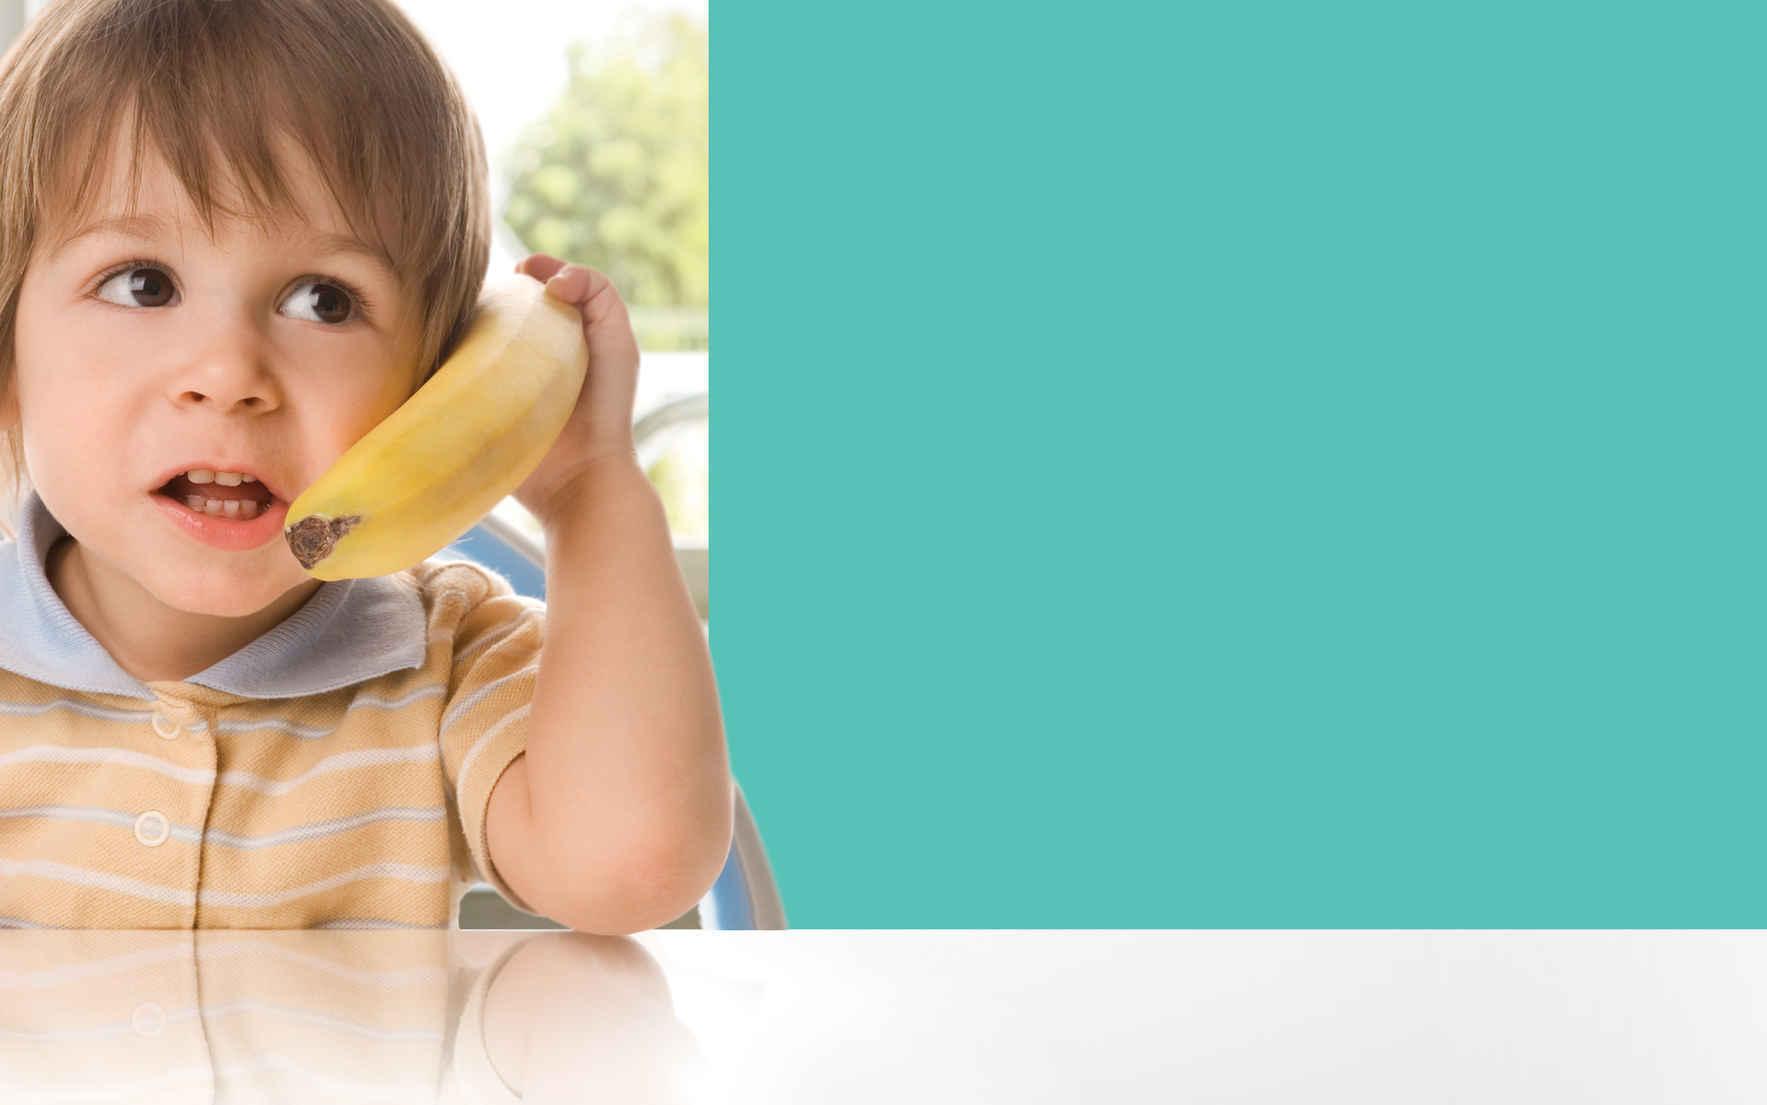 Acepta El Llamado y ayuda a mejorar la calidad de vida de los niños y jóvenes del Hospital Pediátrico en Centro Médico image